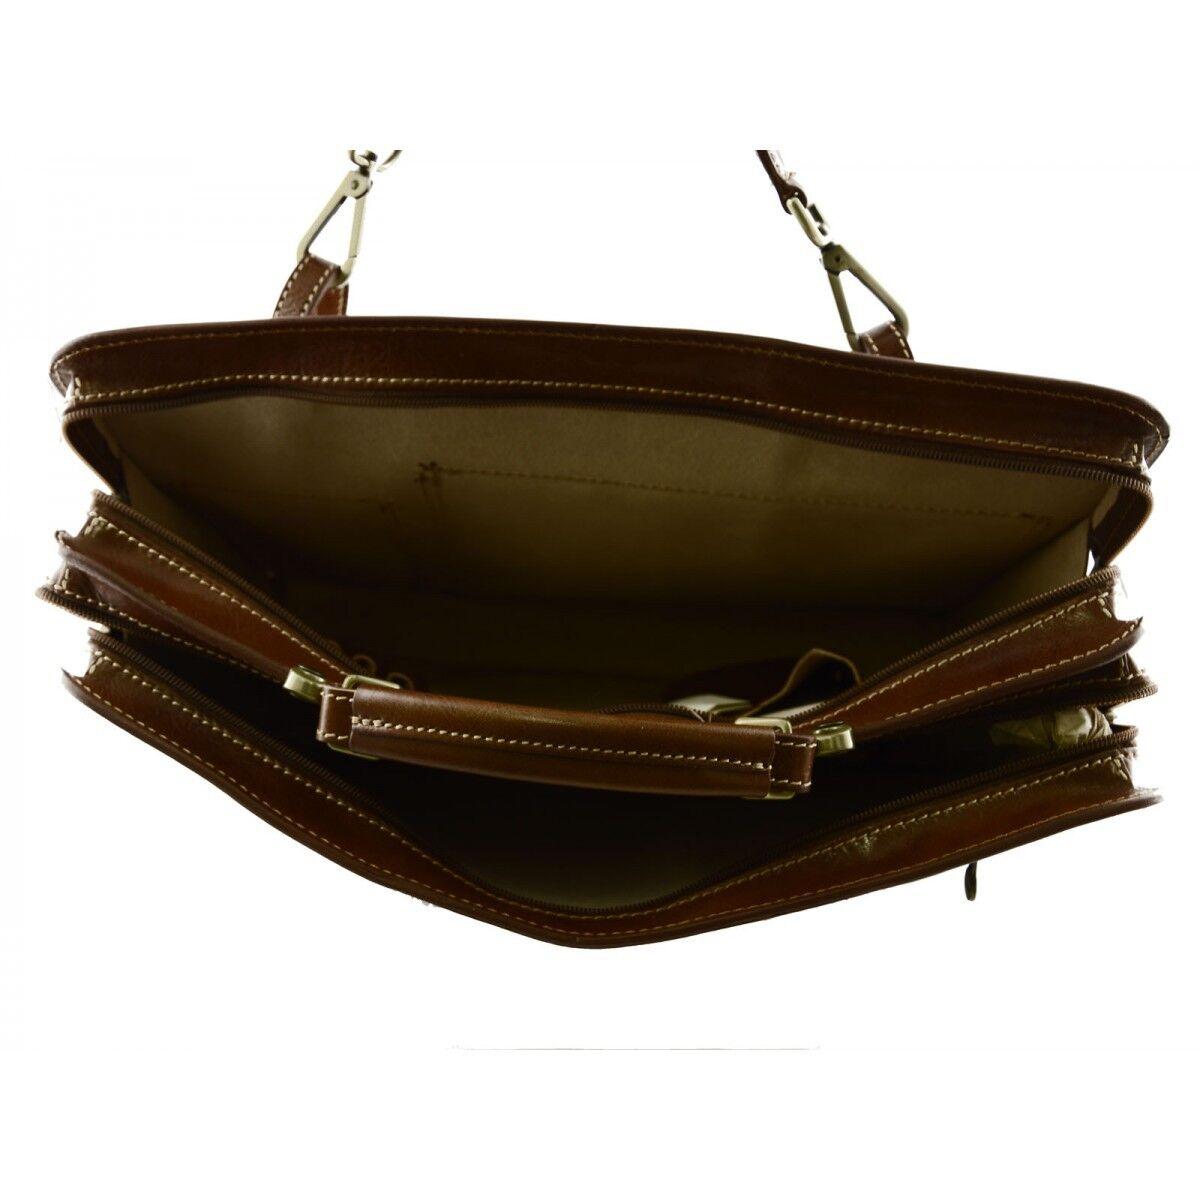 Serviette en Cuir Véritable - mod. Large - Véritable Poni Cognac e86454